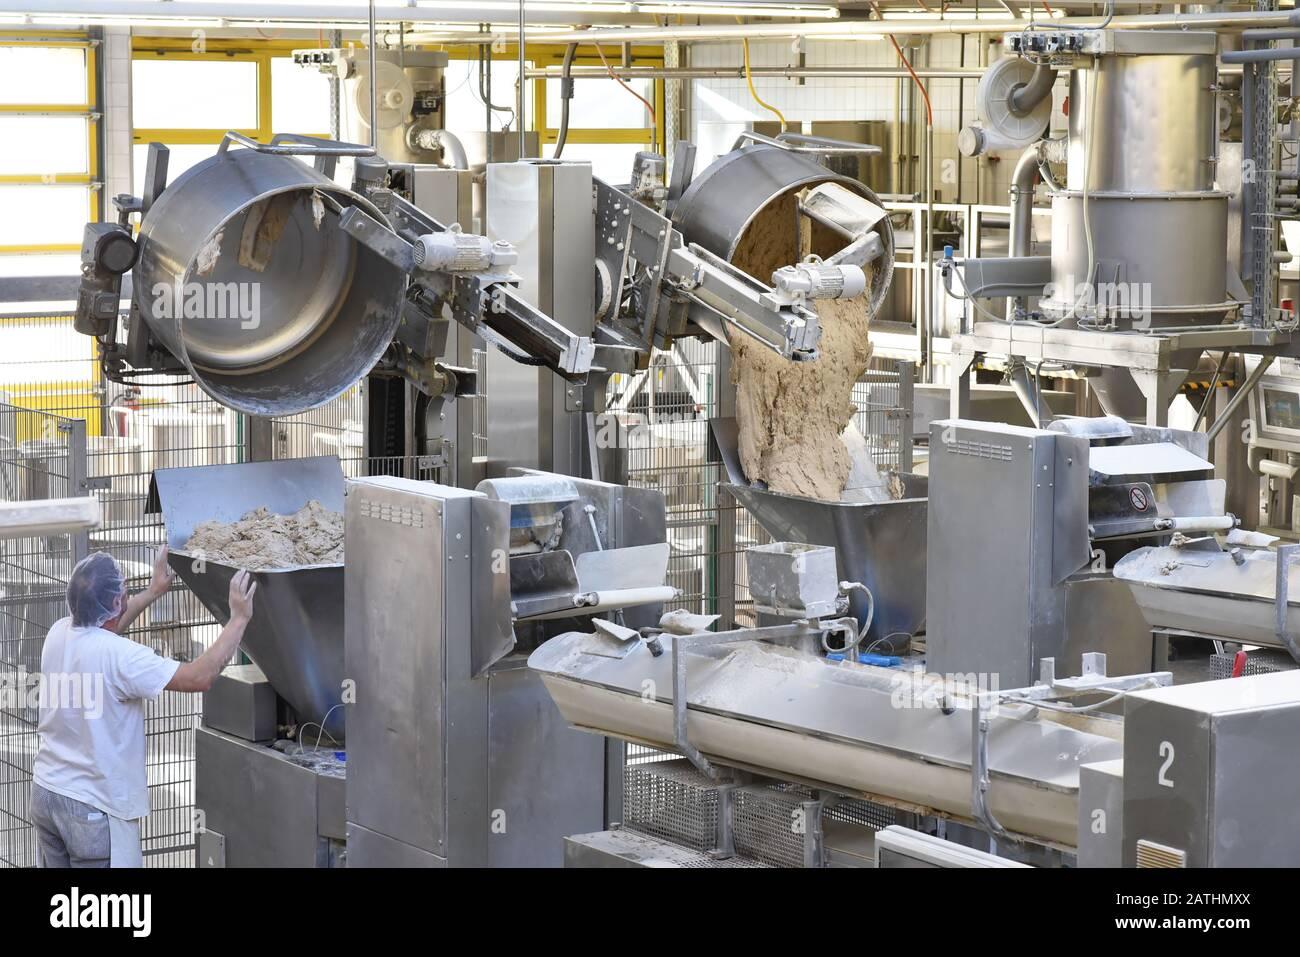 produzione industriale di prodotti da forno su una linea di assemblaggio - tecnologia e macchinari nella fabbrica alimentare Foto Stock